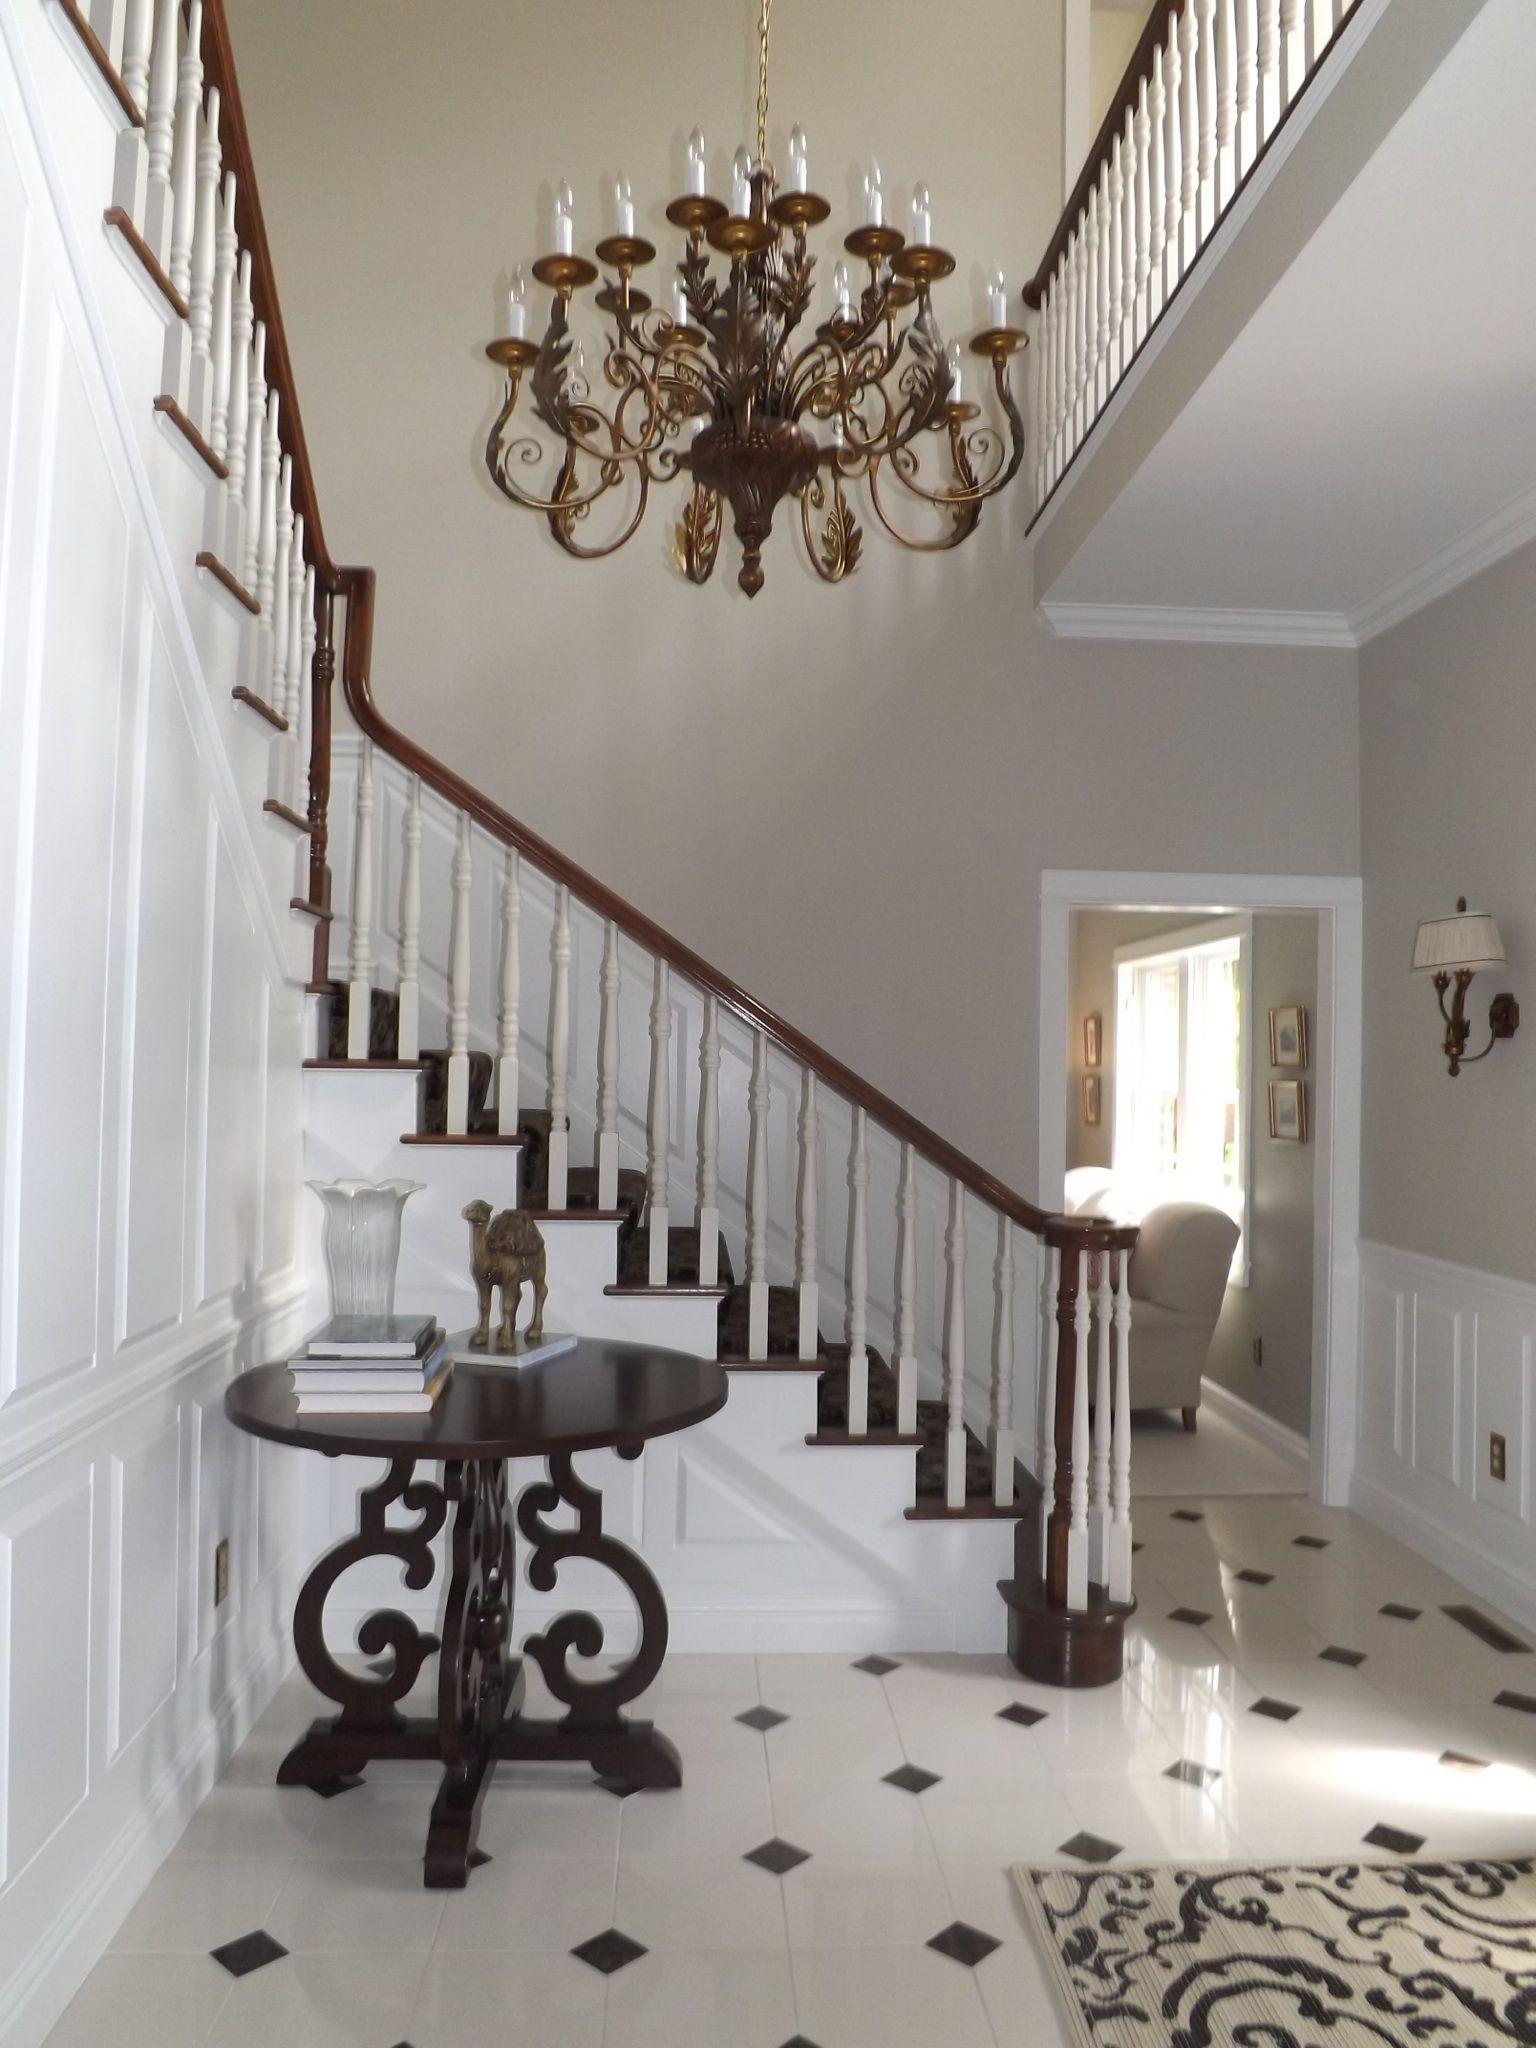 Classic tailored elegant revere pewter benjamin moore paint